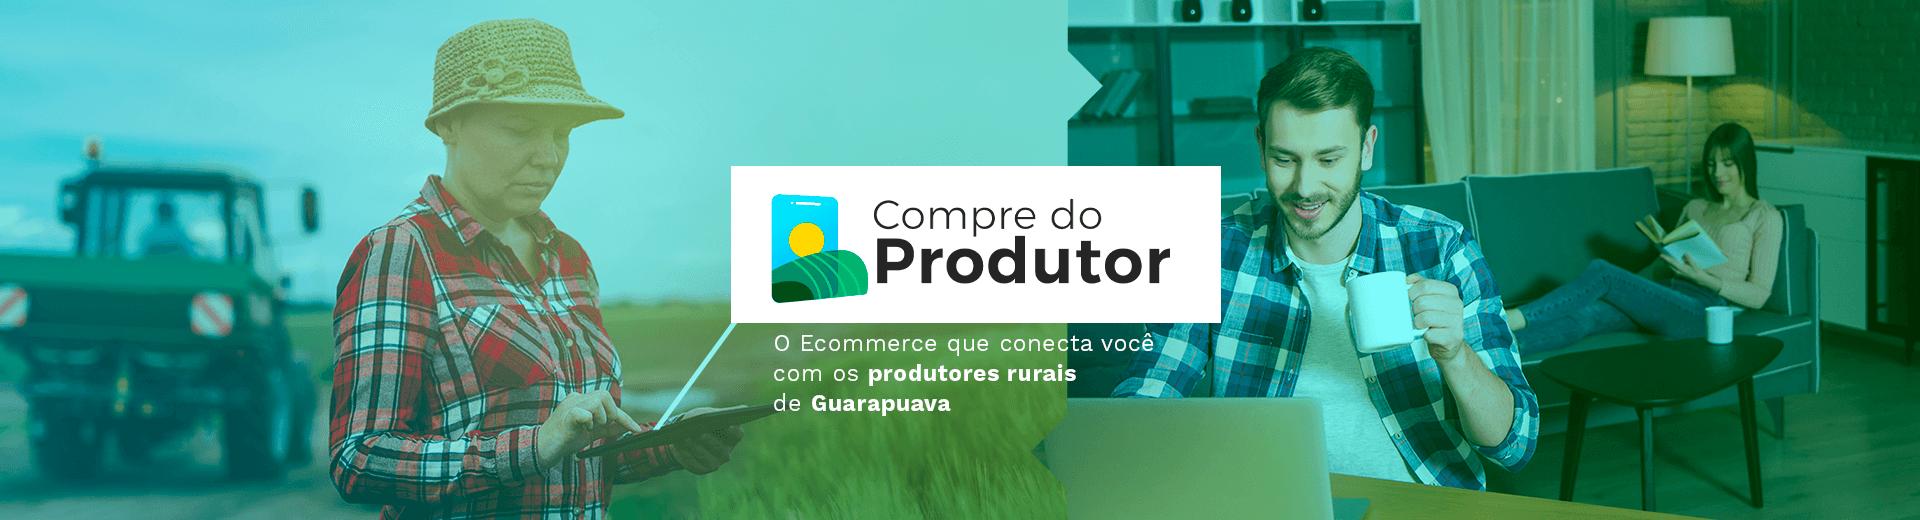 Compre do Produtor